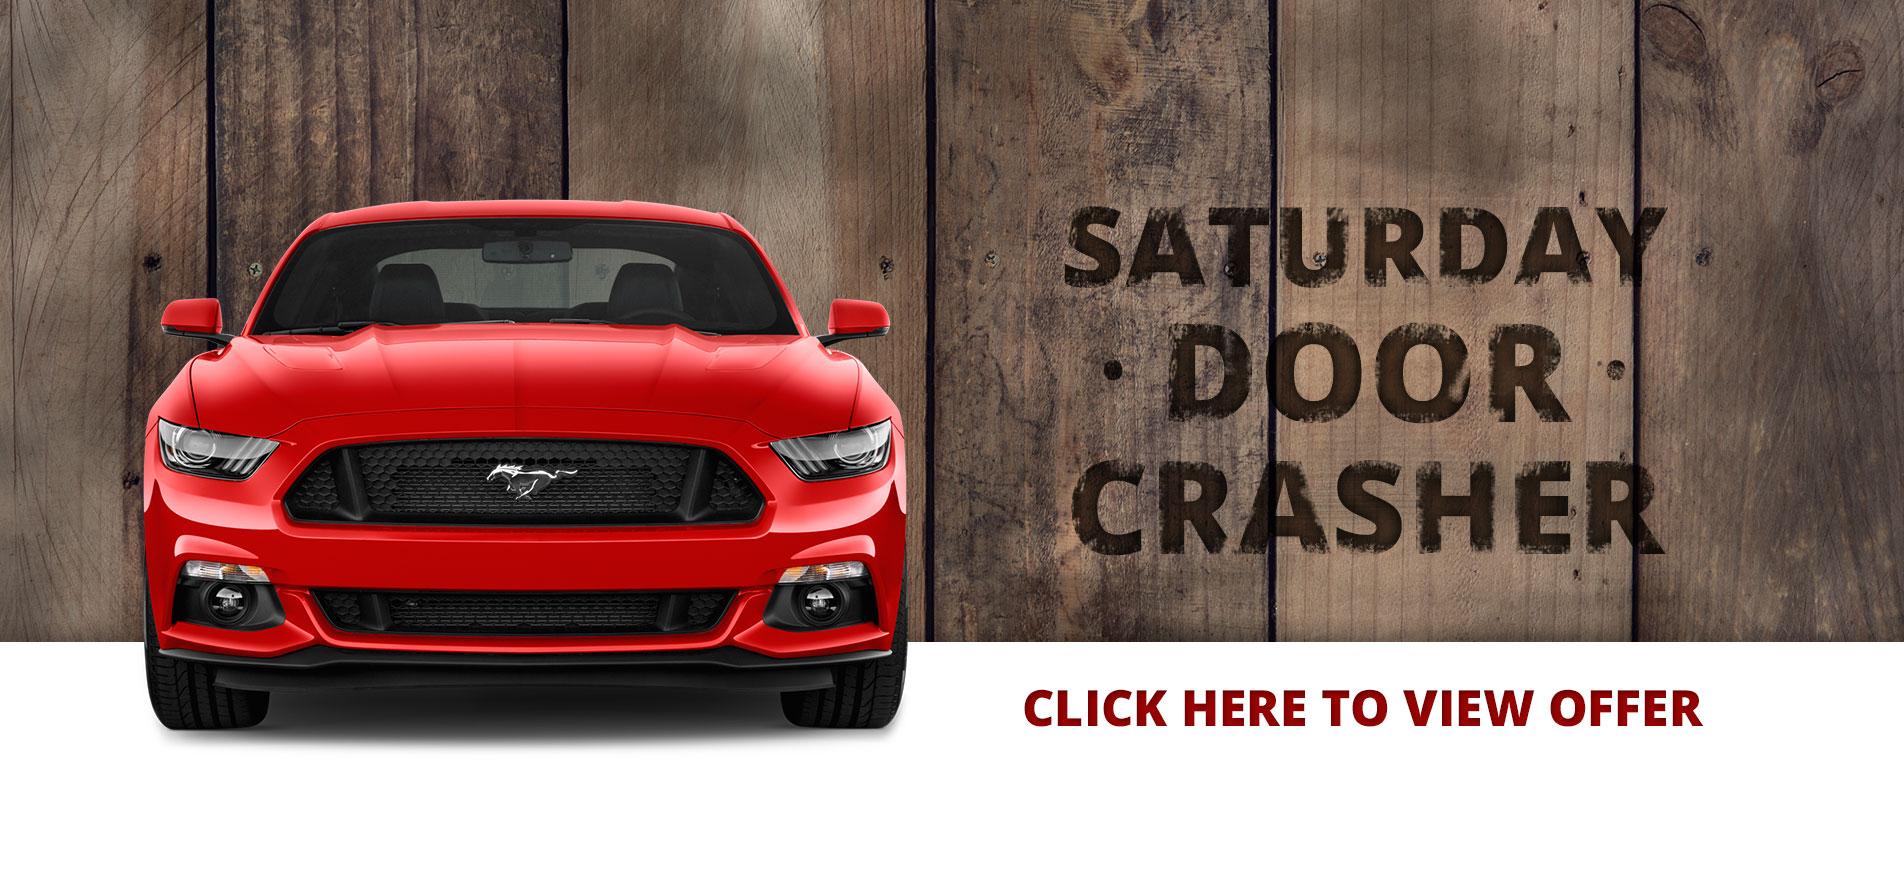 Saturday Door Crasher